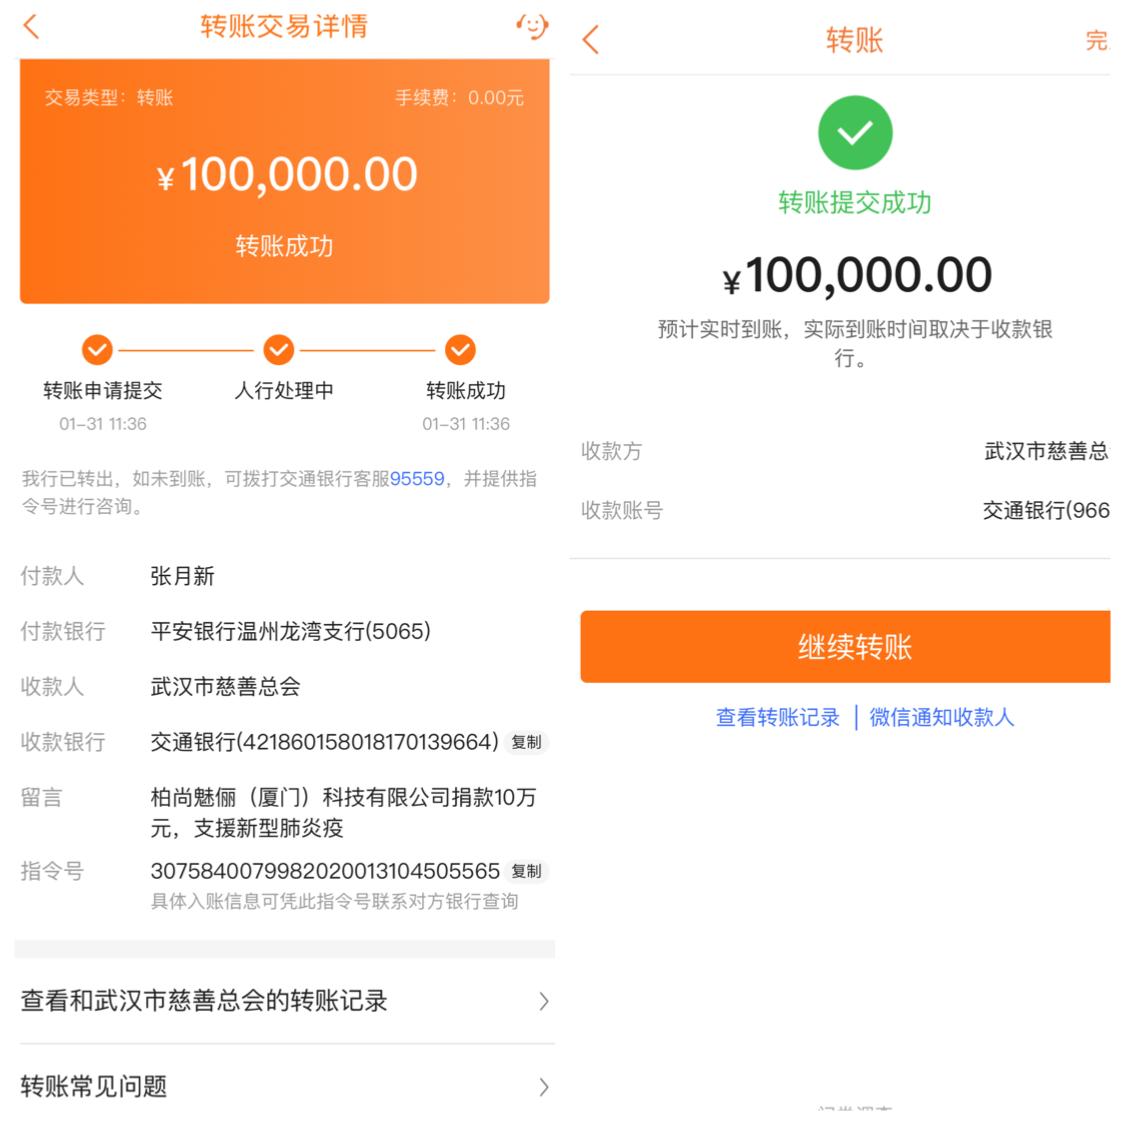 柏尚魅俪品牌捐款10万元支援武汉